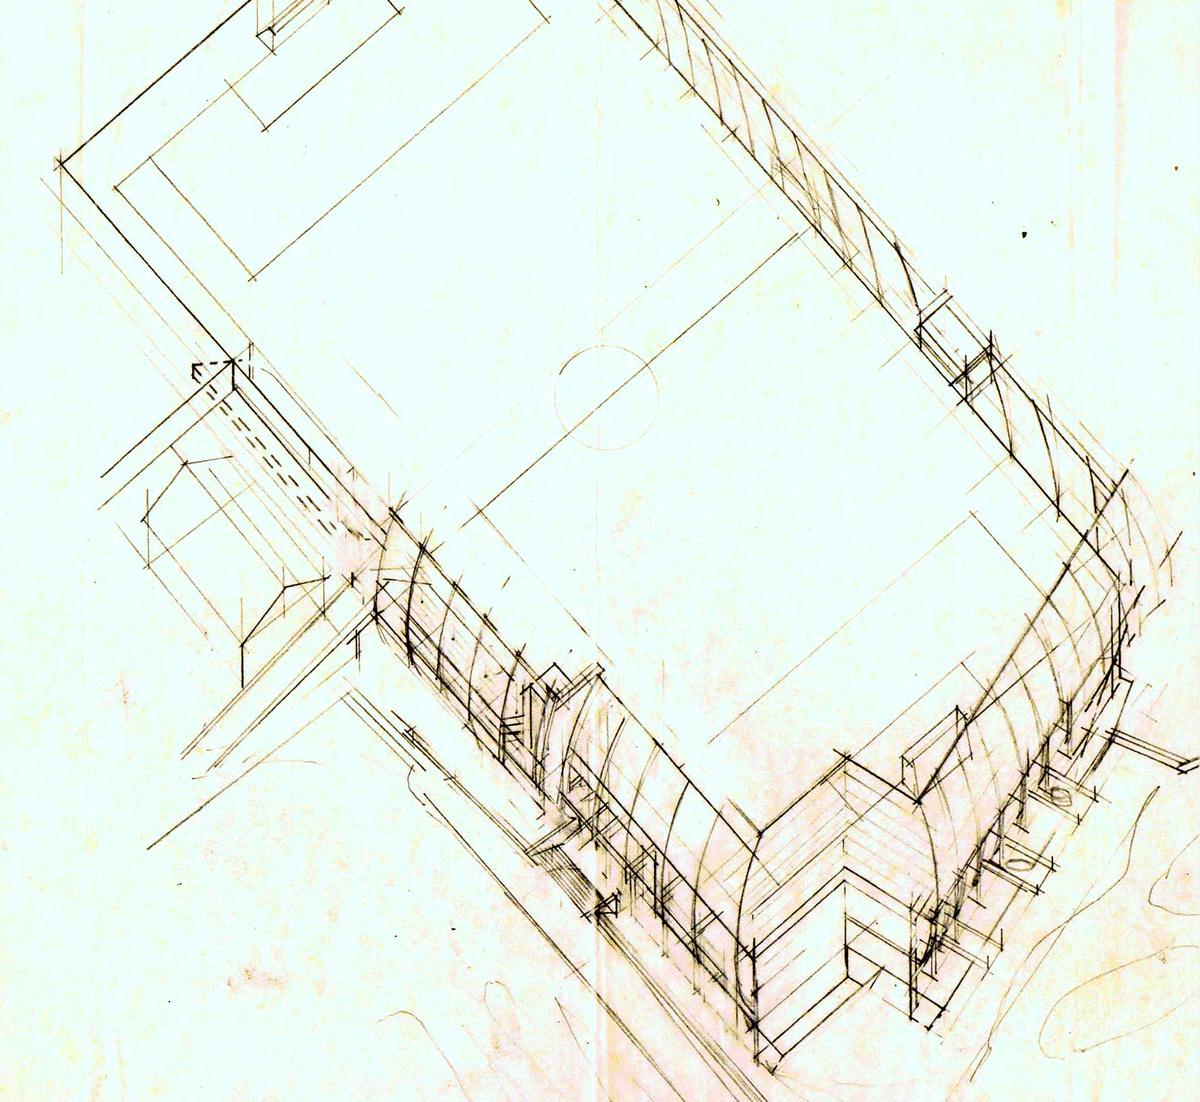 Sketch, Bird's Eye View